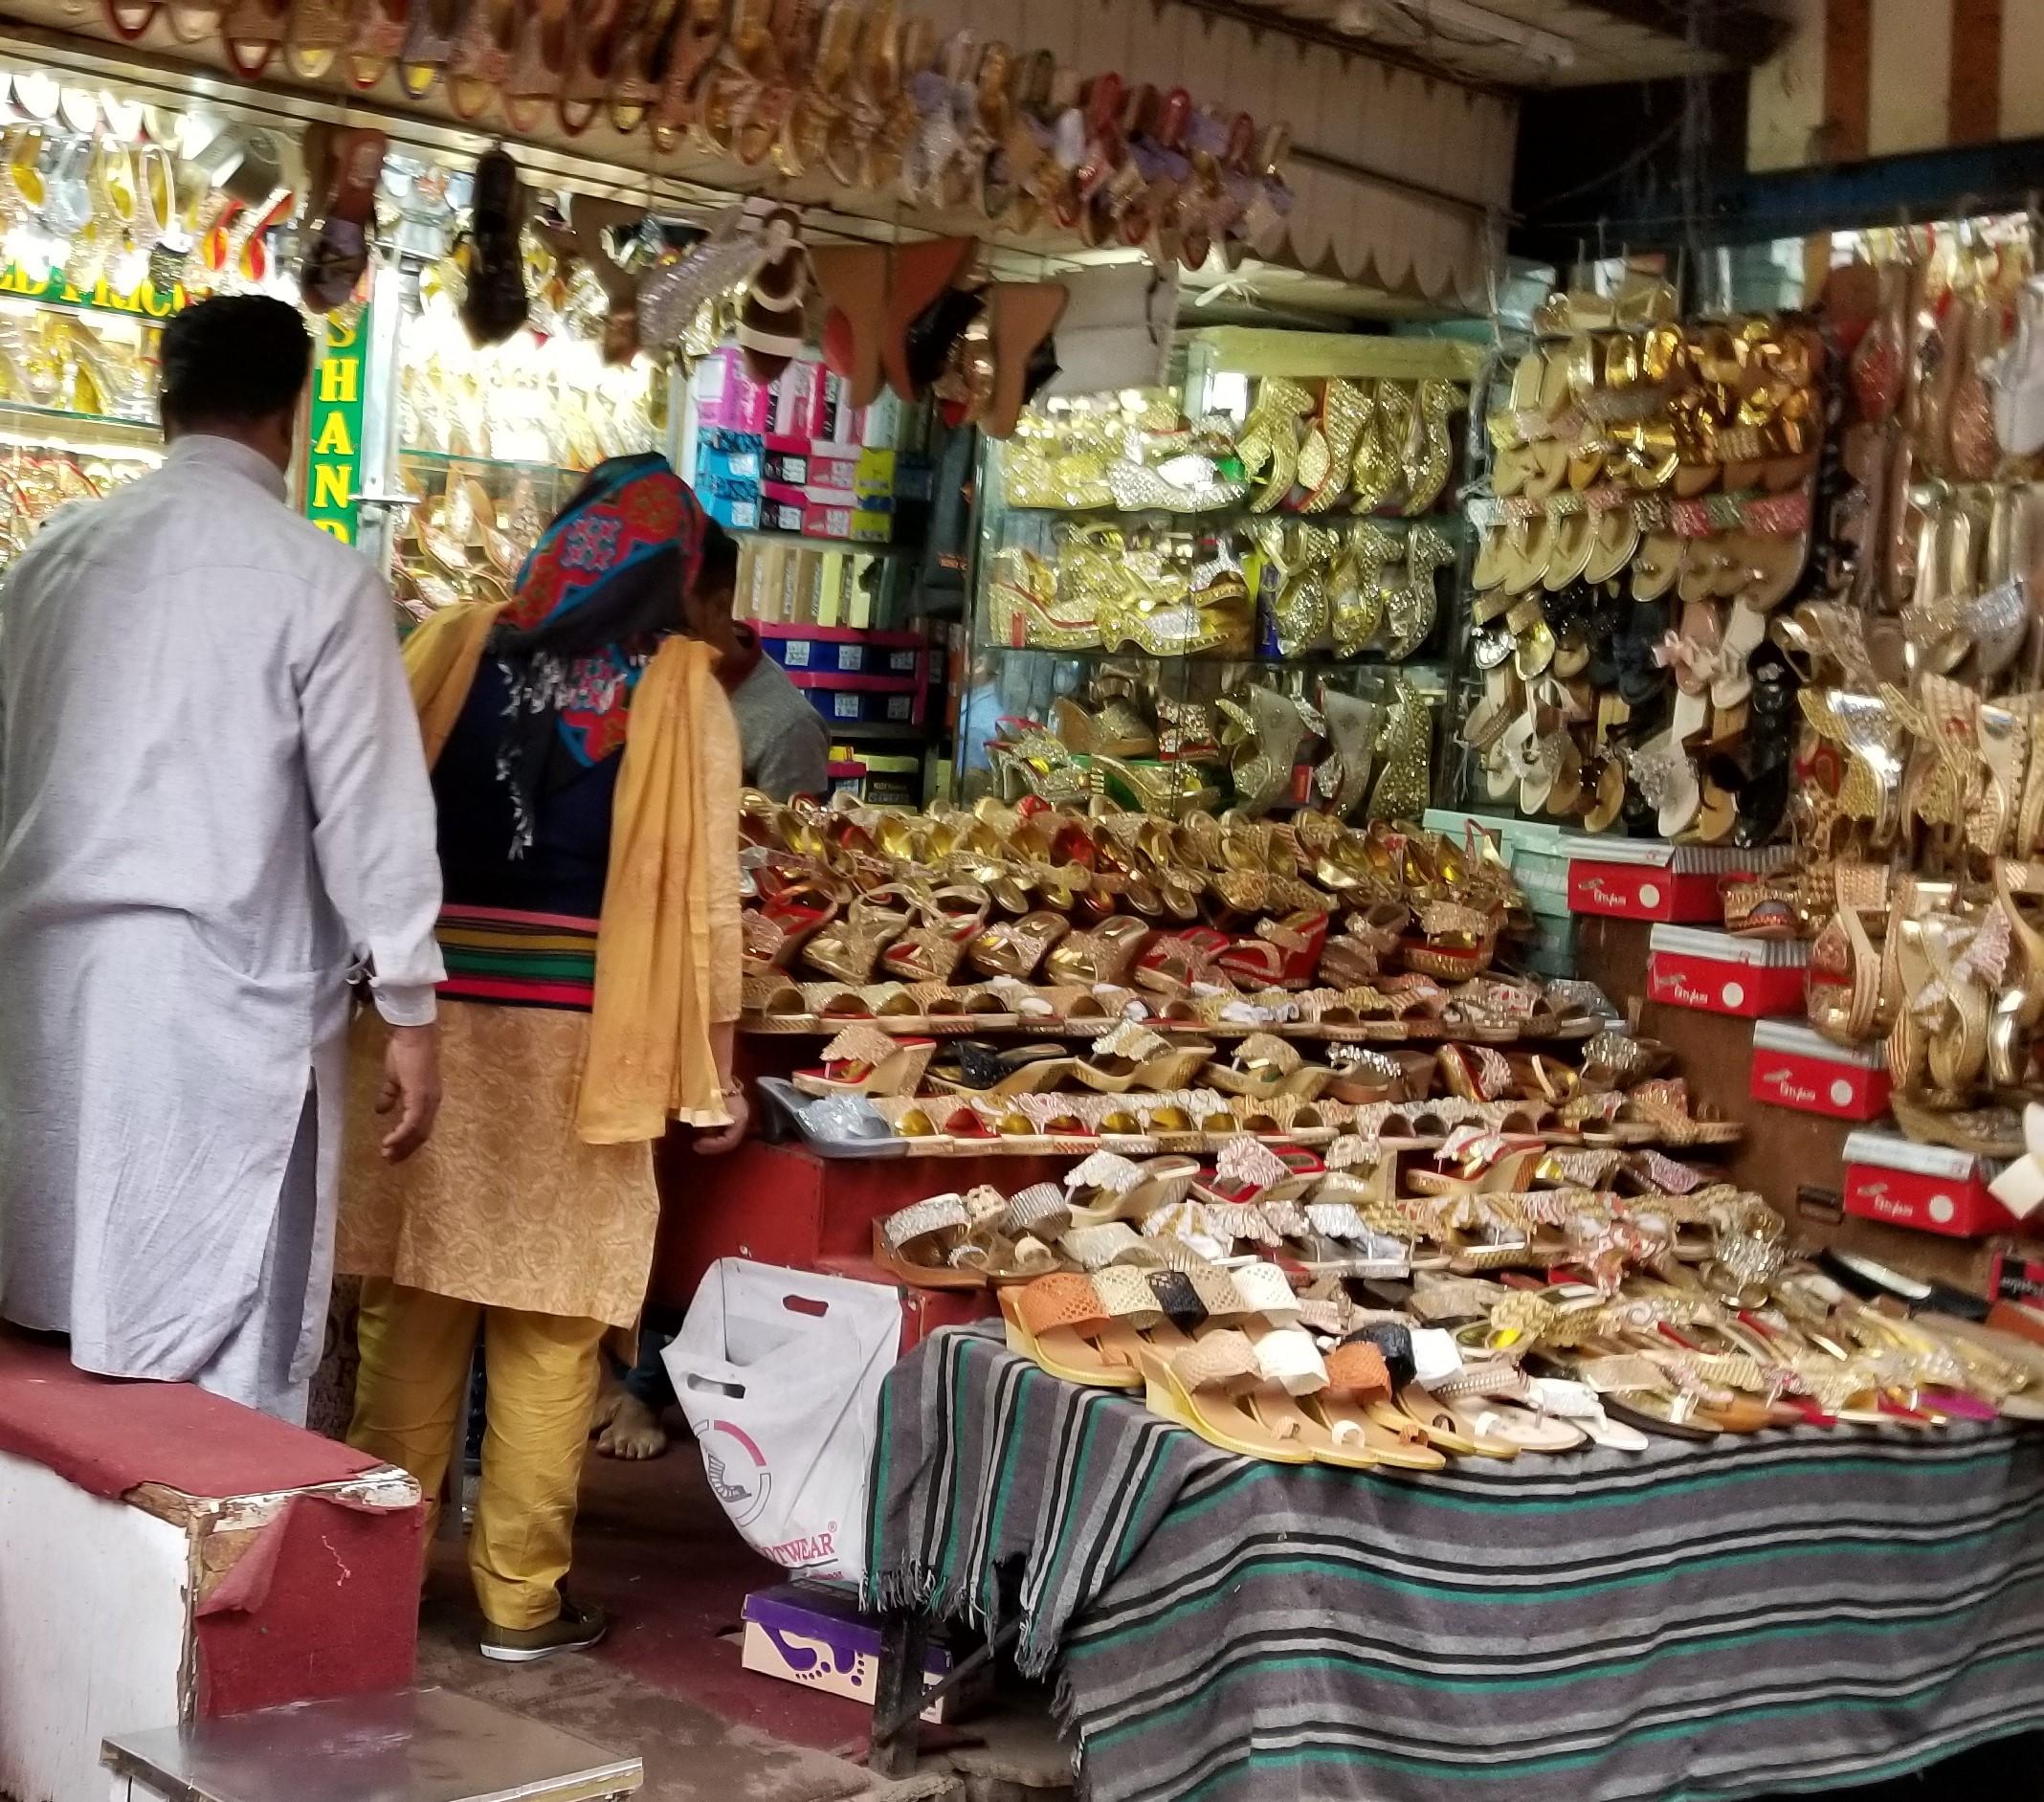 Old Delhi vendor